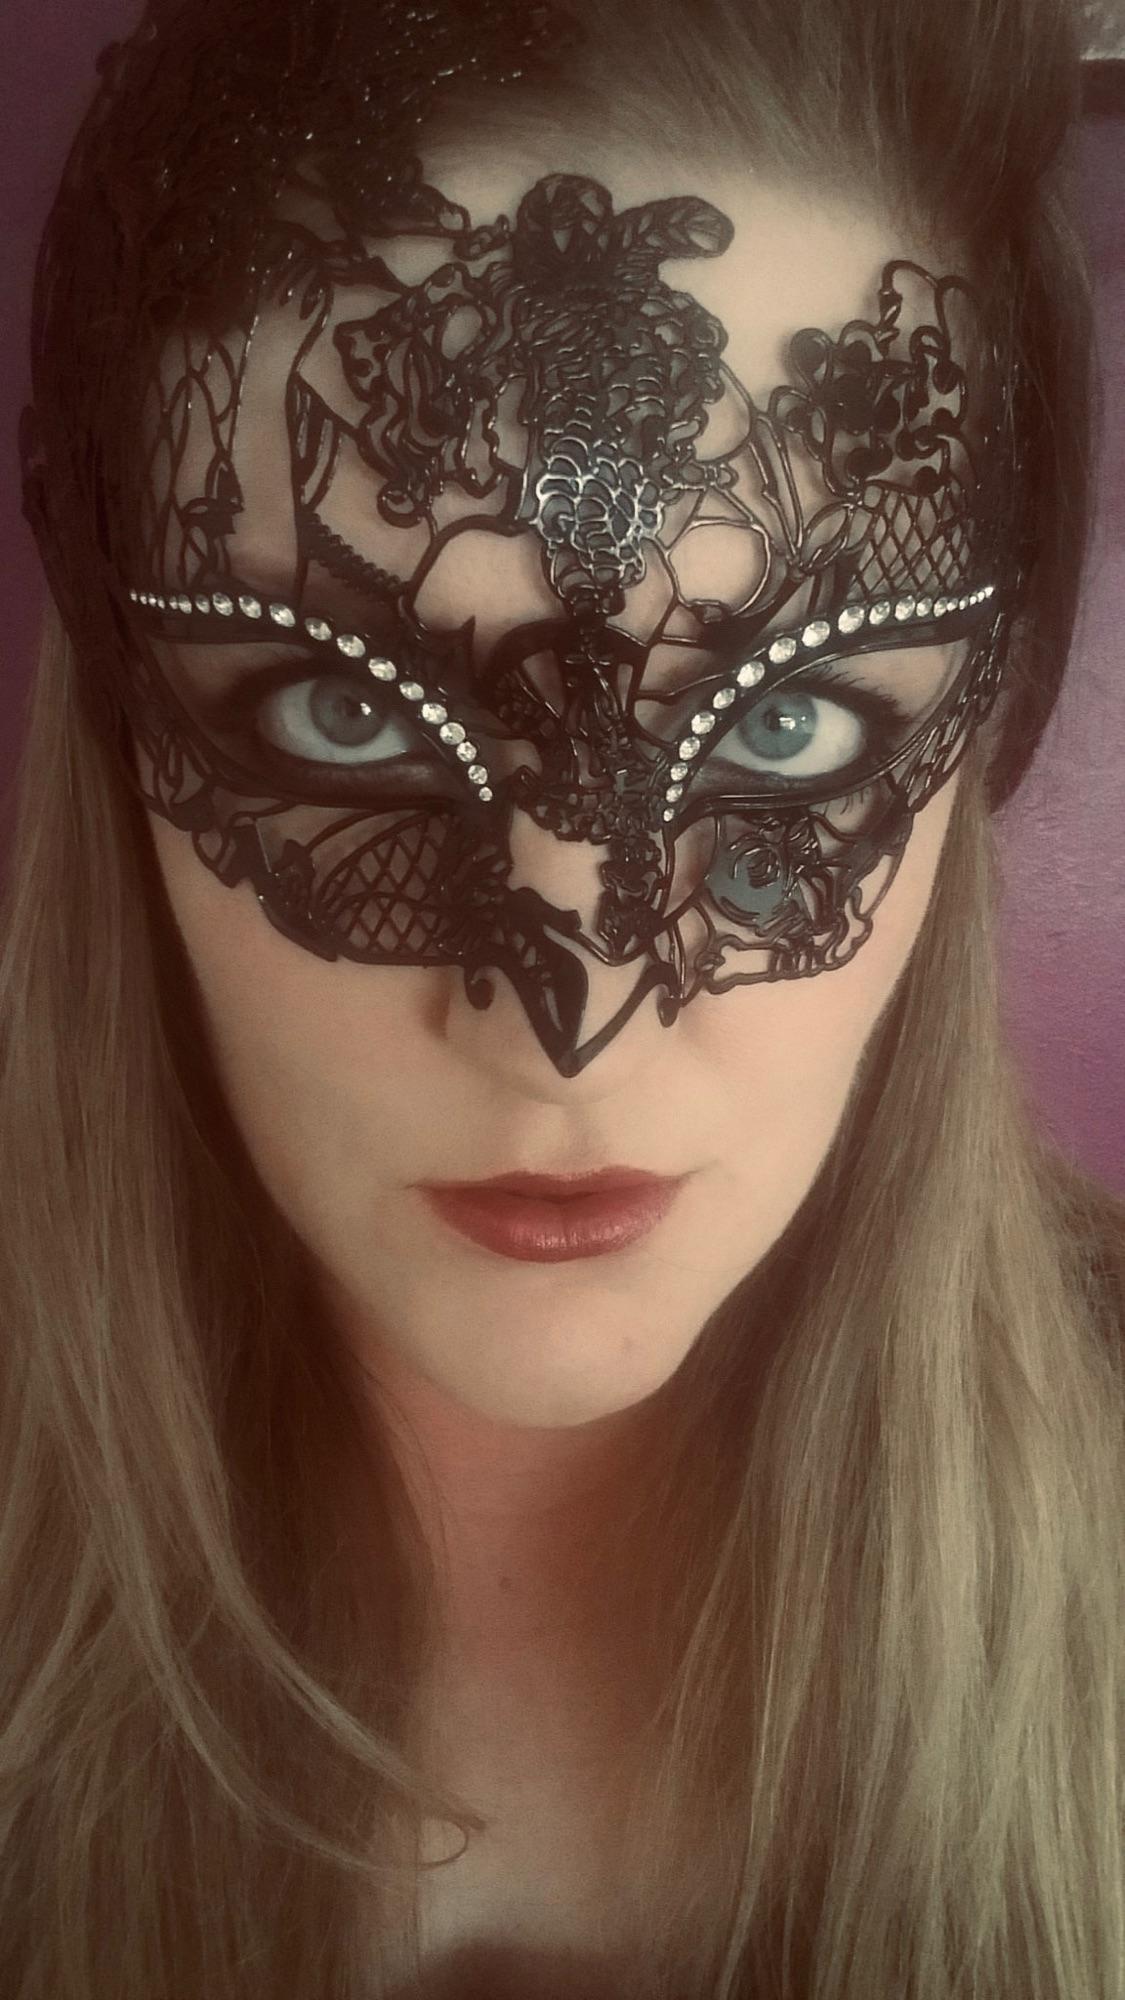 beautiful lady customer  wearing a filigree masked ball mask - Image